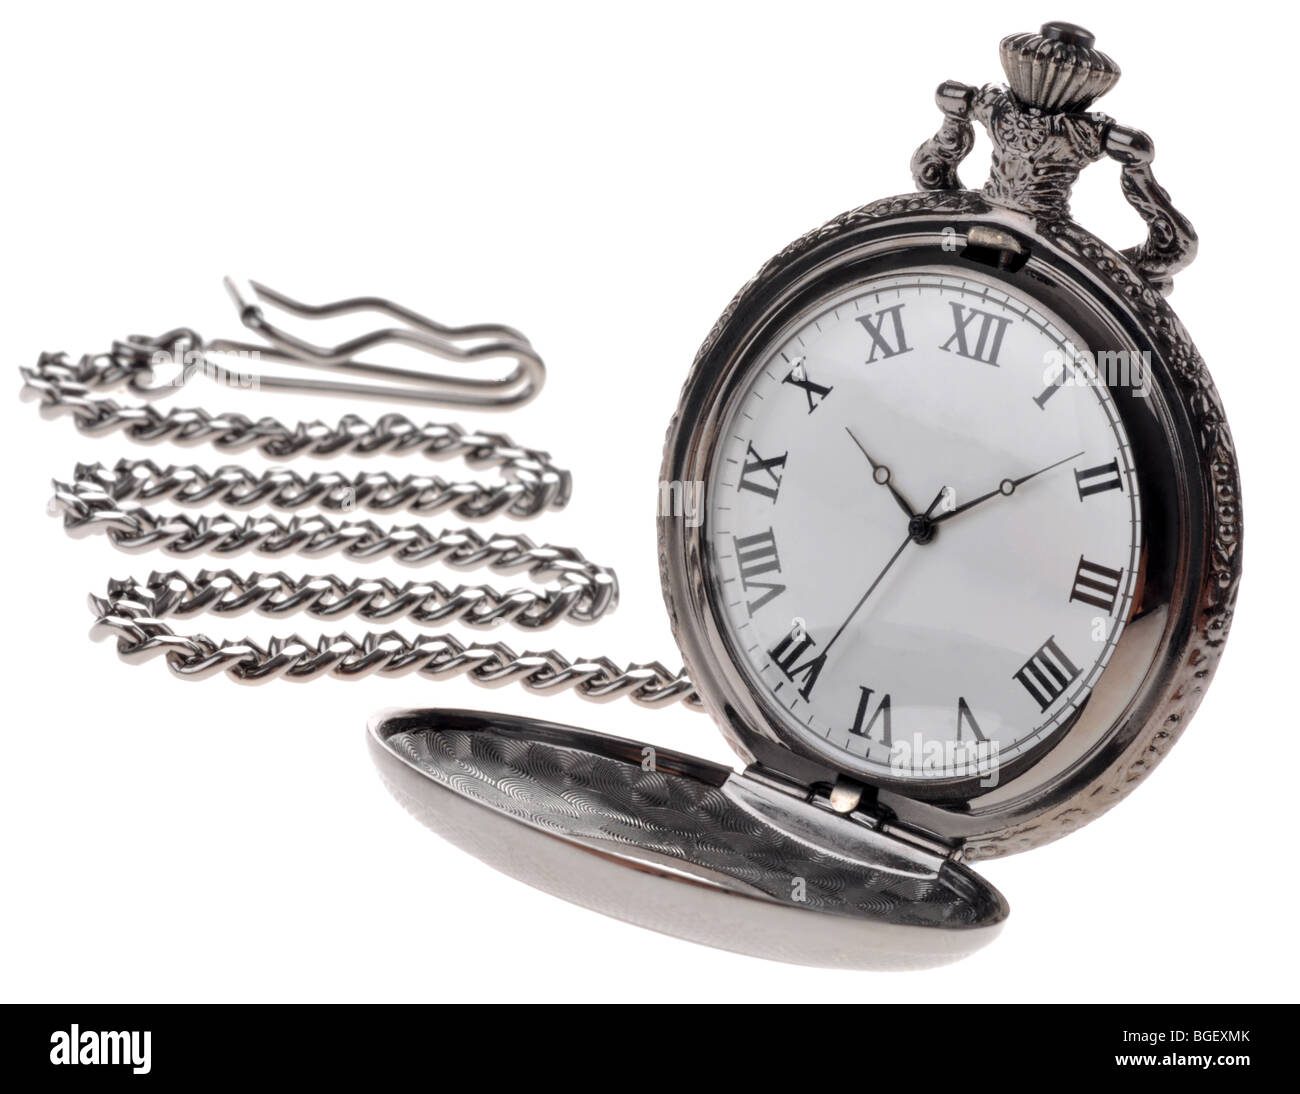 Montre de poche et de la chaîne, de l'horlogerie, de l'heure Photo Stock